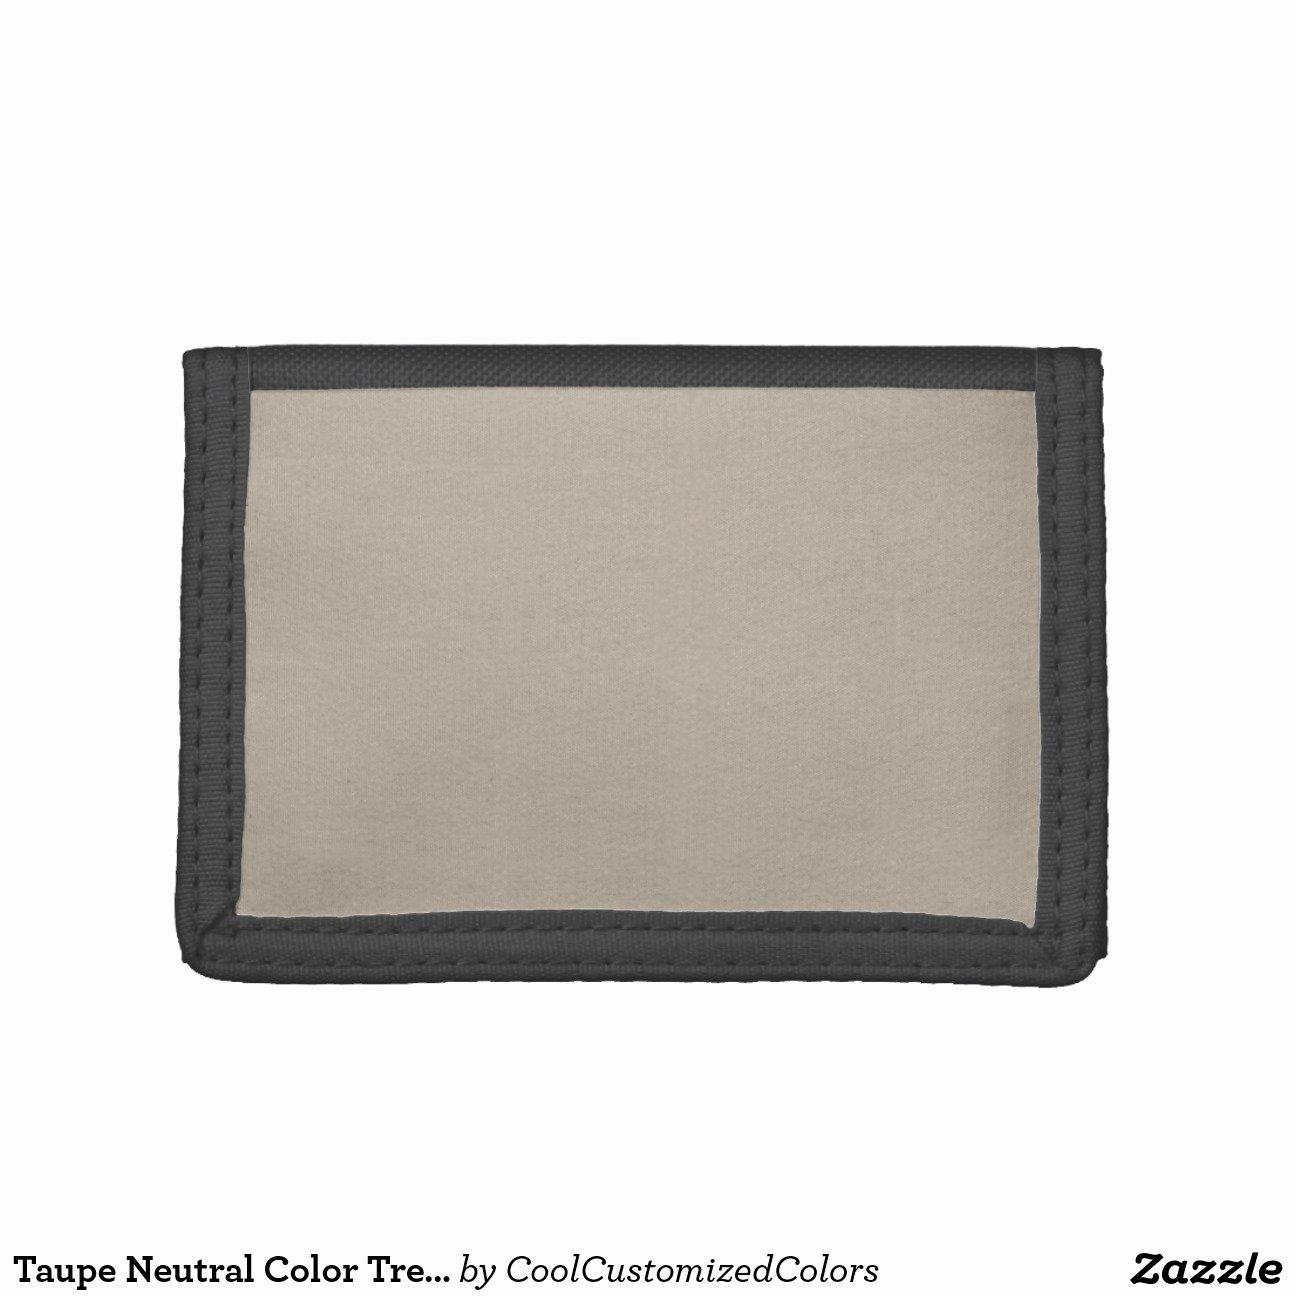 Wallet Card Template Word Elegant 14 Of 2x3 Blank Wallet Template